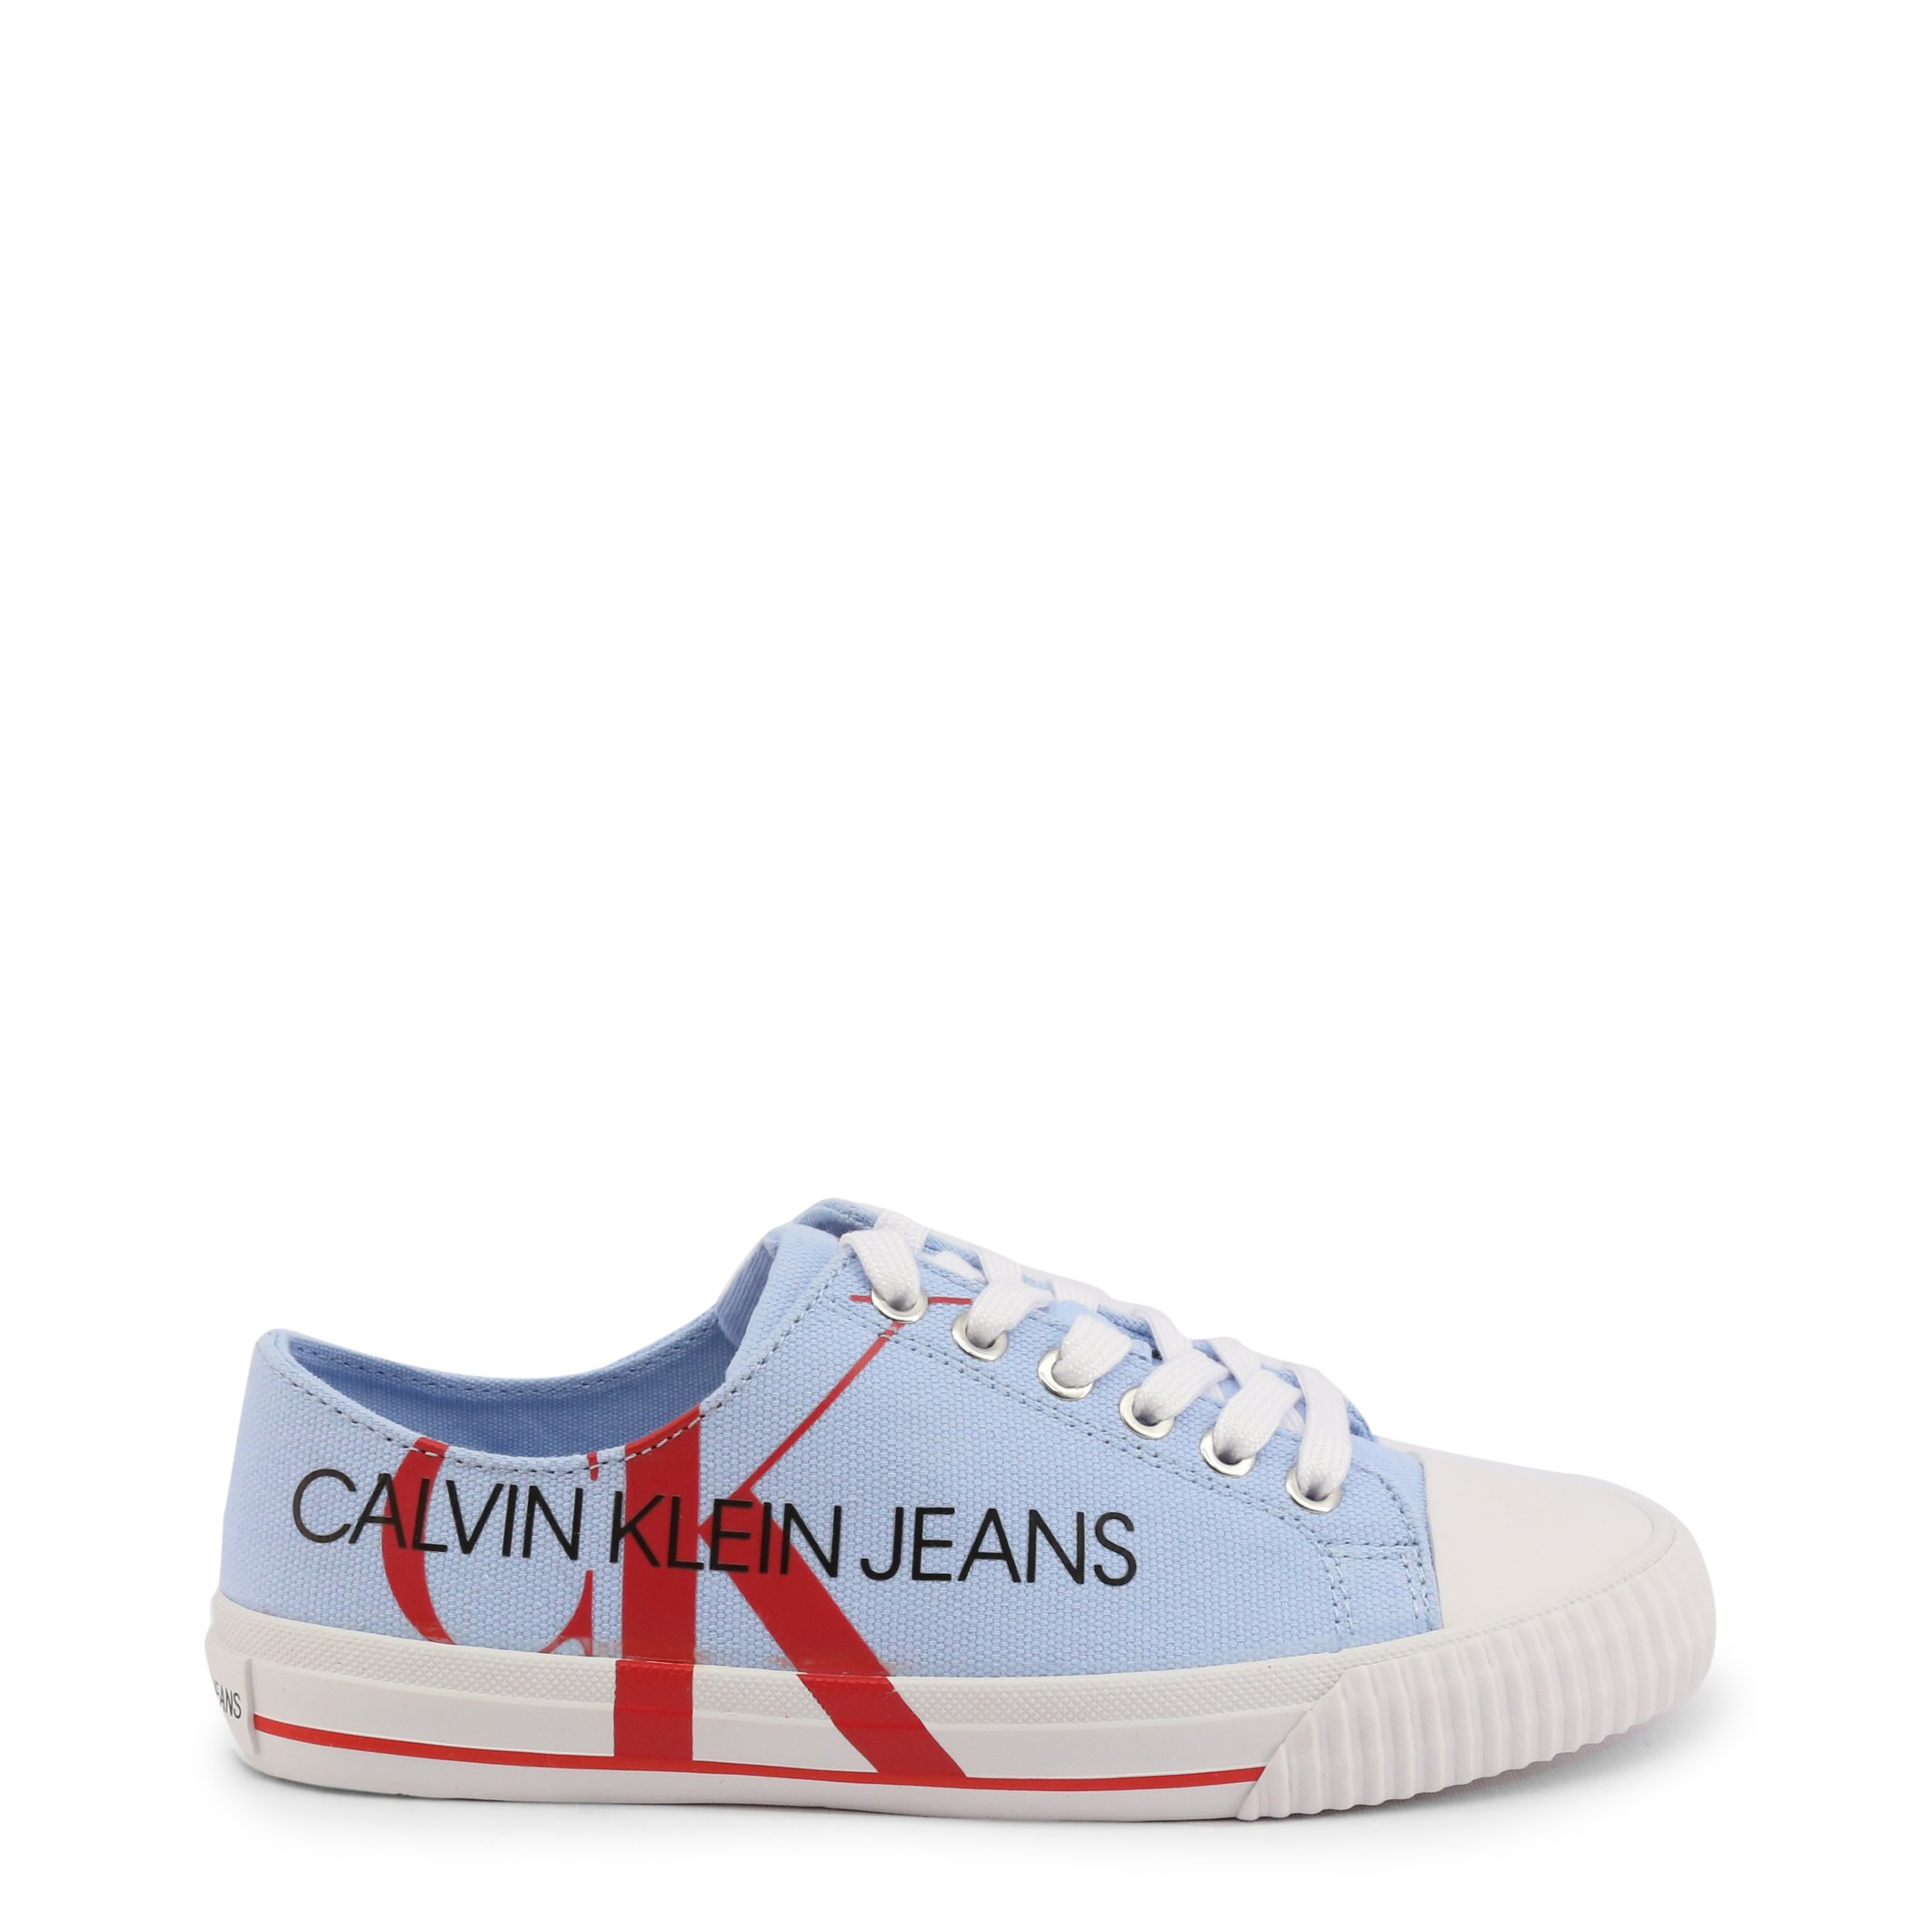 Calvin Klein Women's Trainer Various Colours DEMIANNE_B4R0856 - blue-1 EU 36